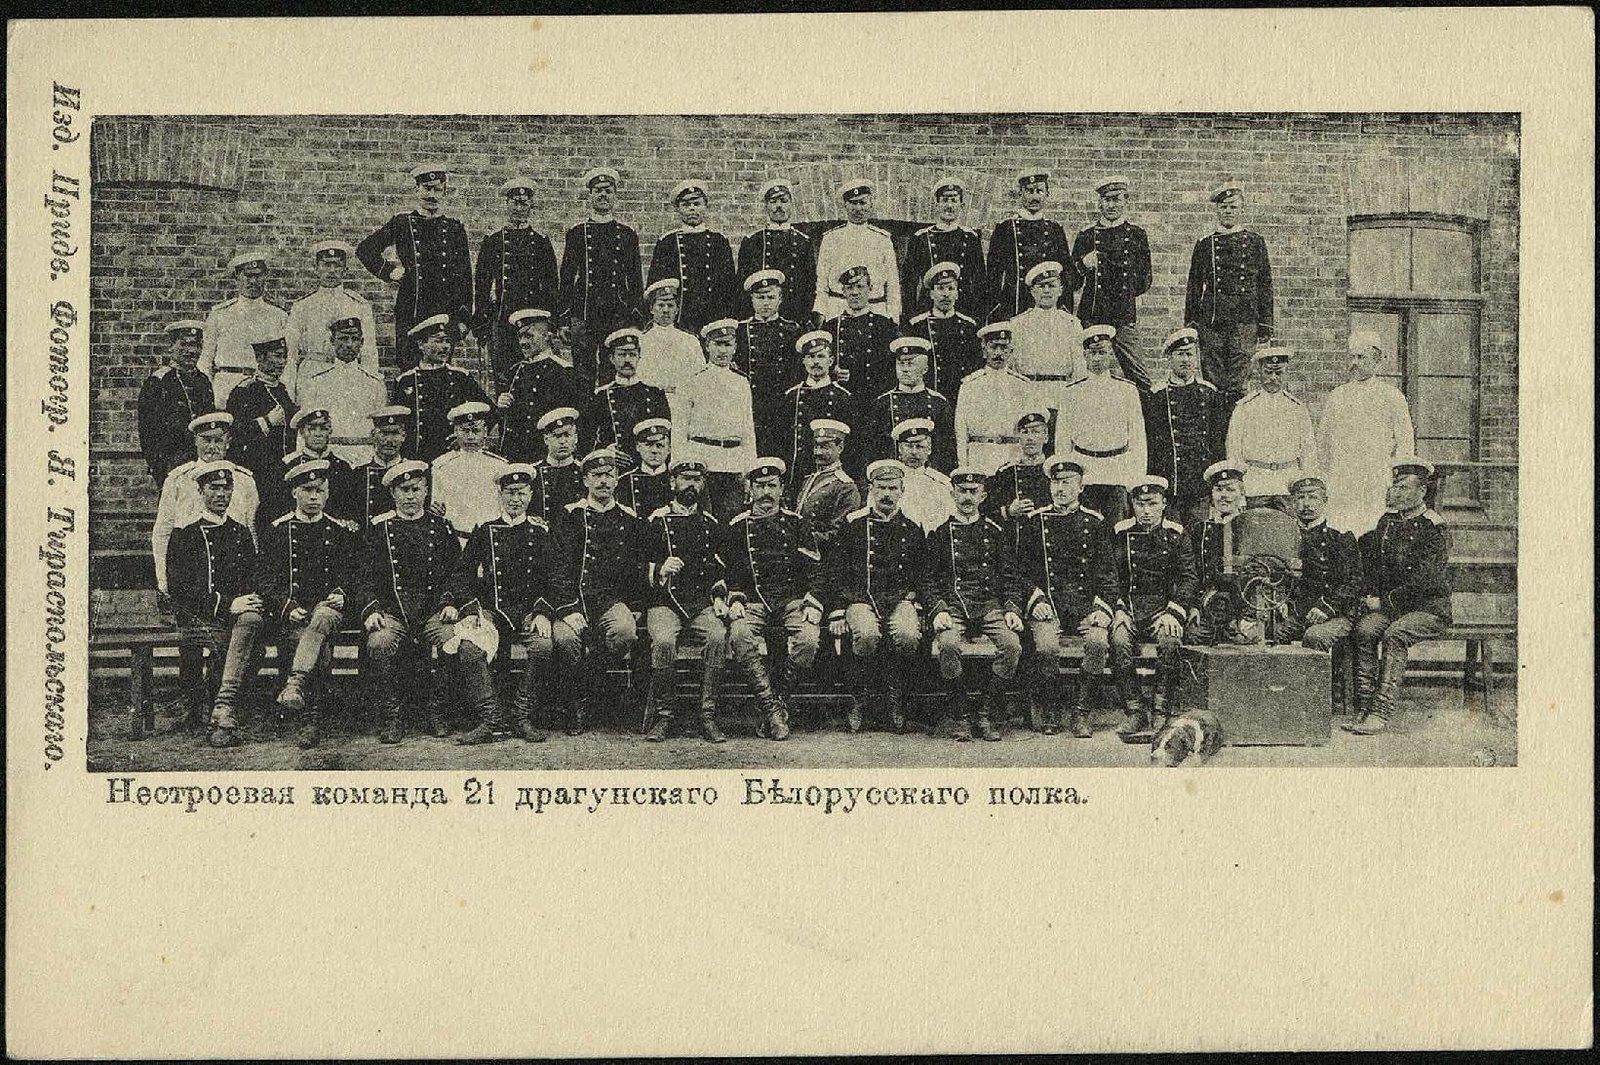 Нестроевая команда 21 драгунского Белорусского полка